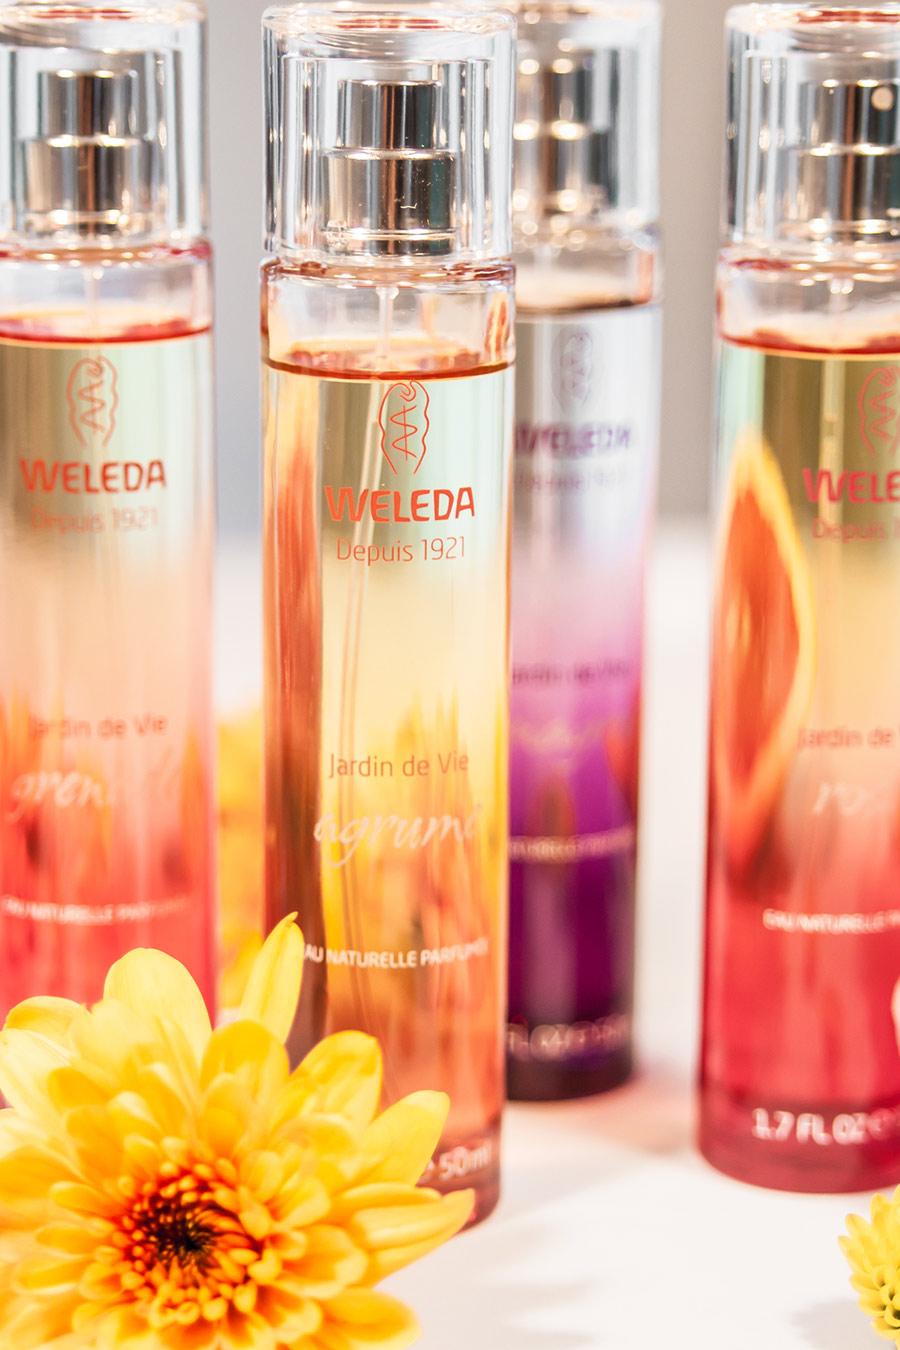 Parfüm von Weleda - Vergleich